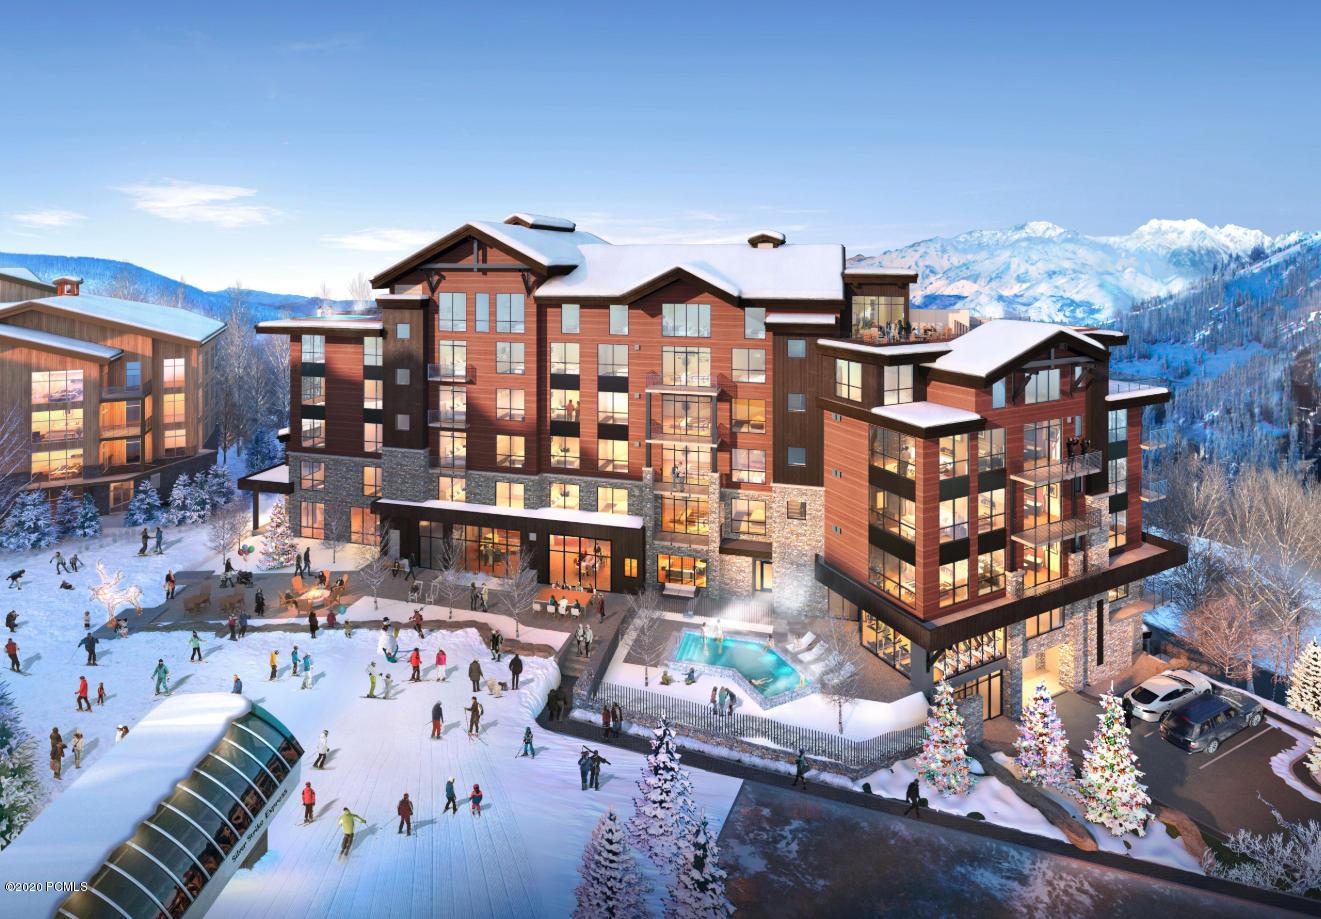 7677 Village Way, Park City, Utah 84060, 4 Bedrooms Bedrooms, ,5 BathroomsBathrooms,Condominium,For Sale,Village Way,12002983